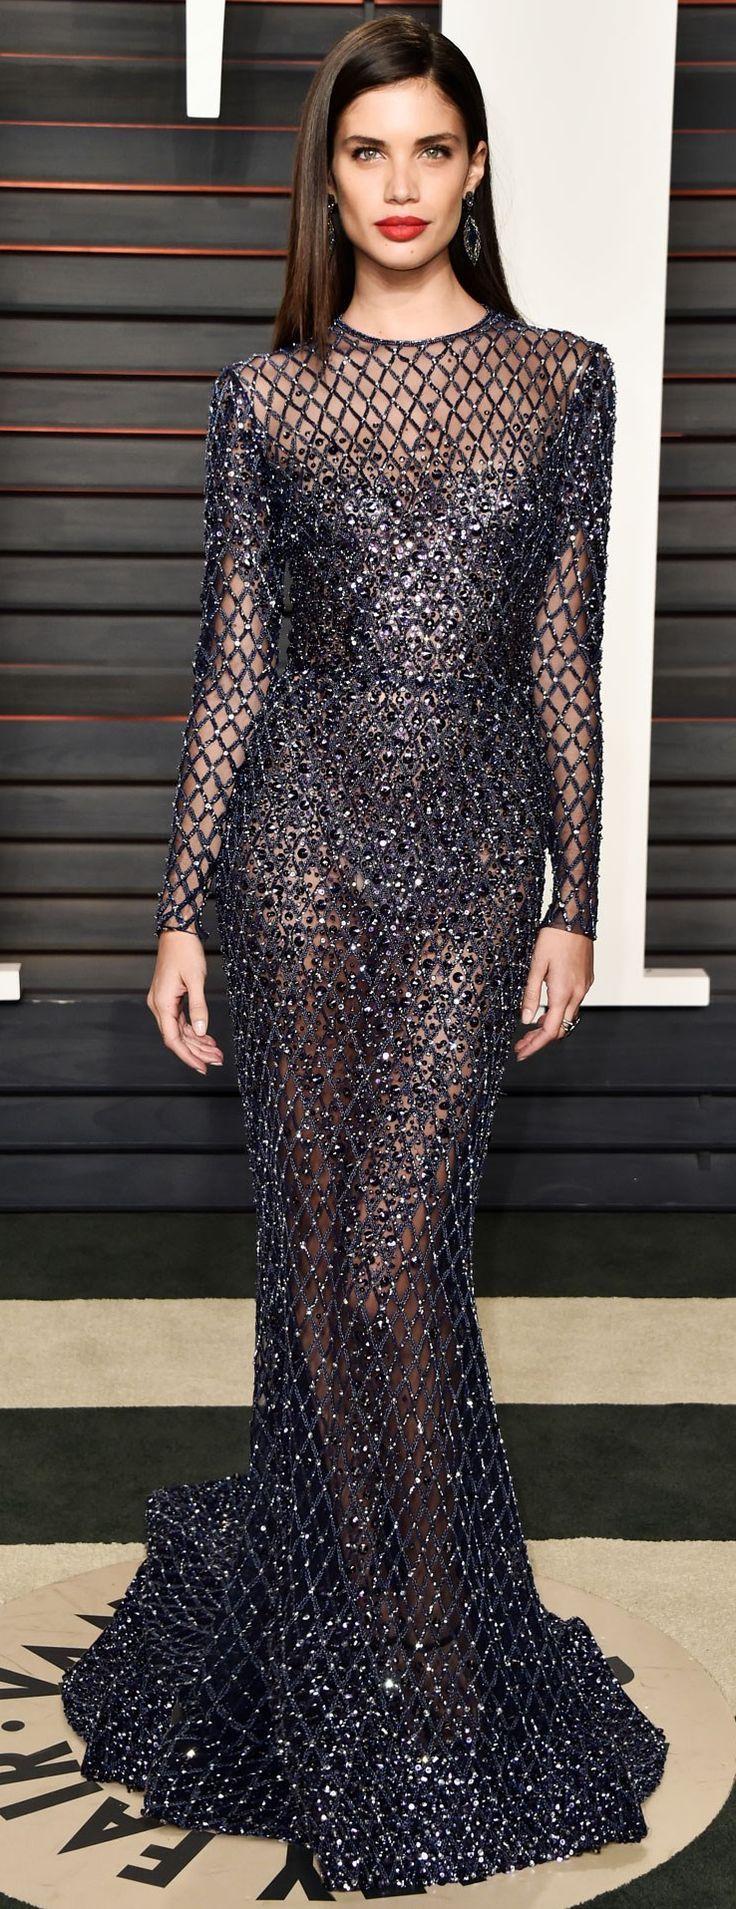 nice Потрясающие платья со шлейфом (50 фото) — Короткие и длинные модели 2017 Читай больше http://avrorra.com/platya-so-shlejfom-foto/